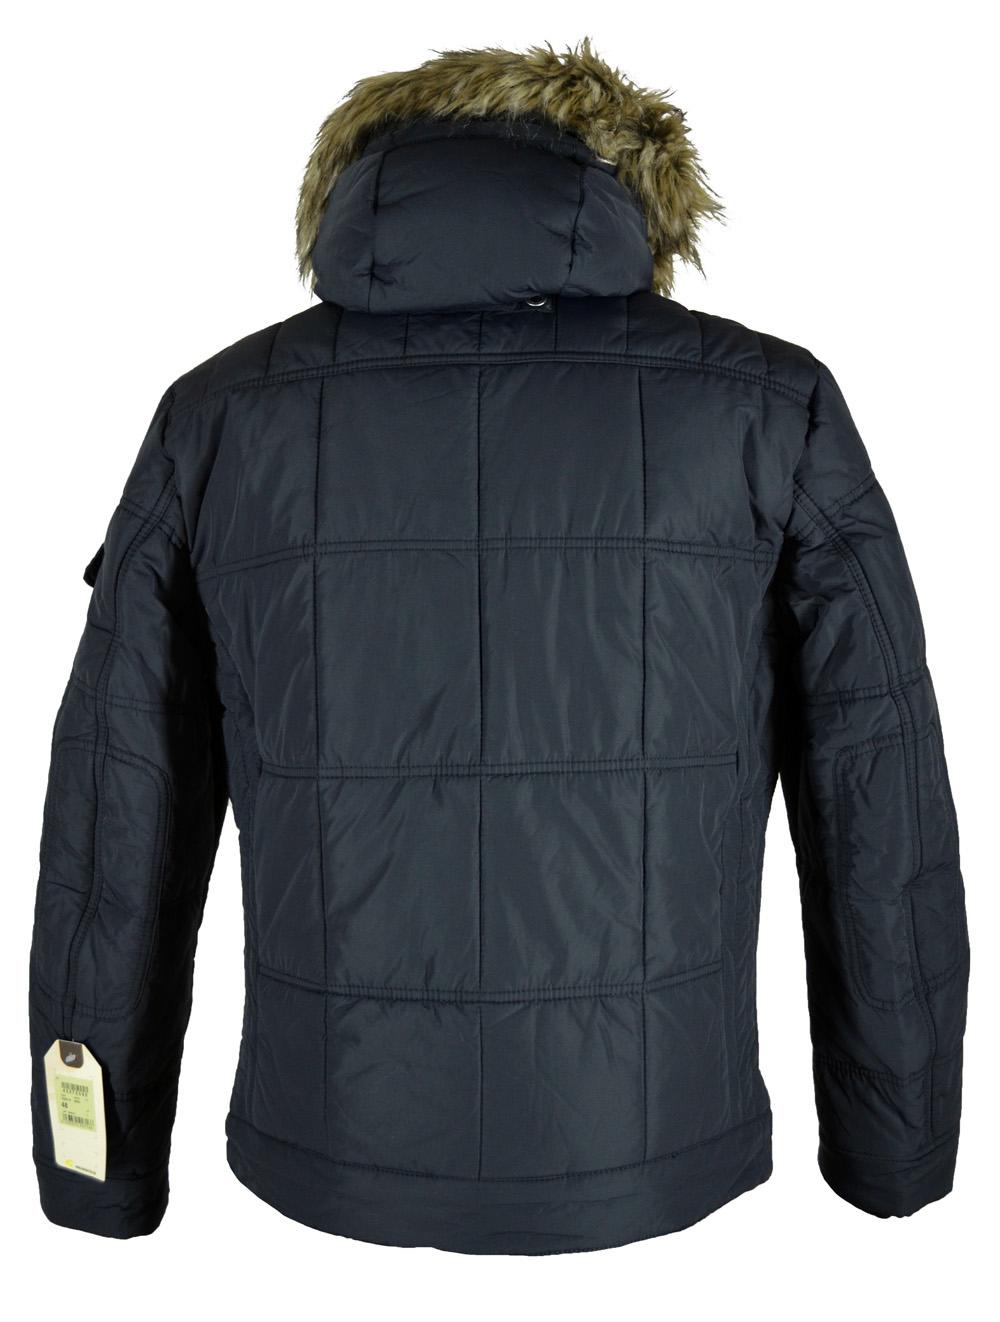 Где Купить Теплую Куртку